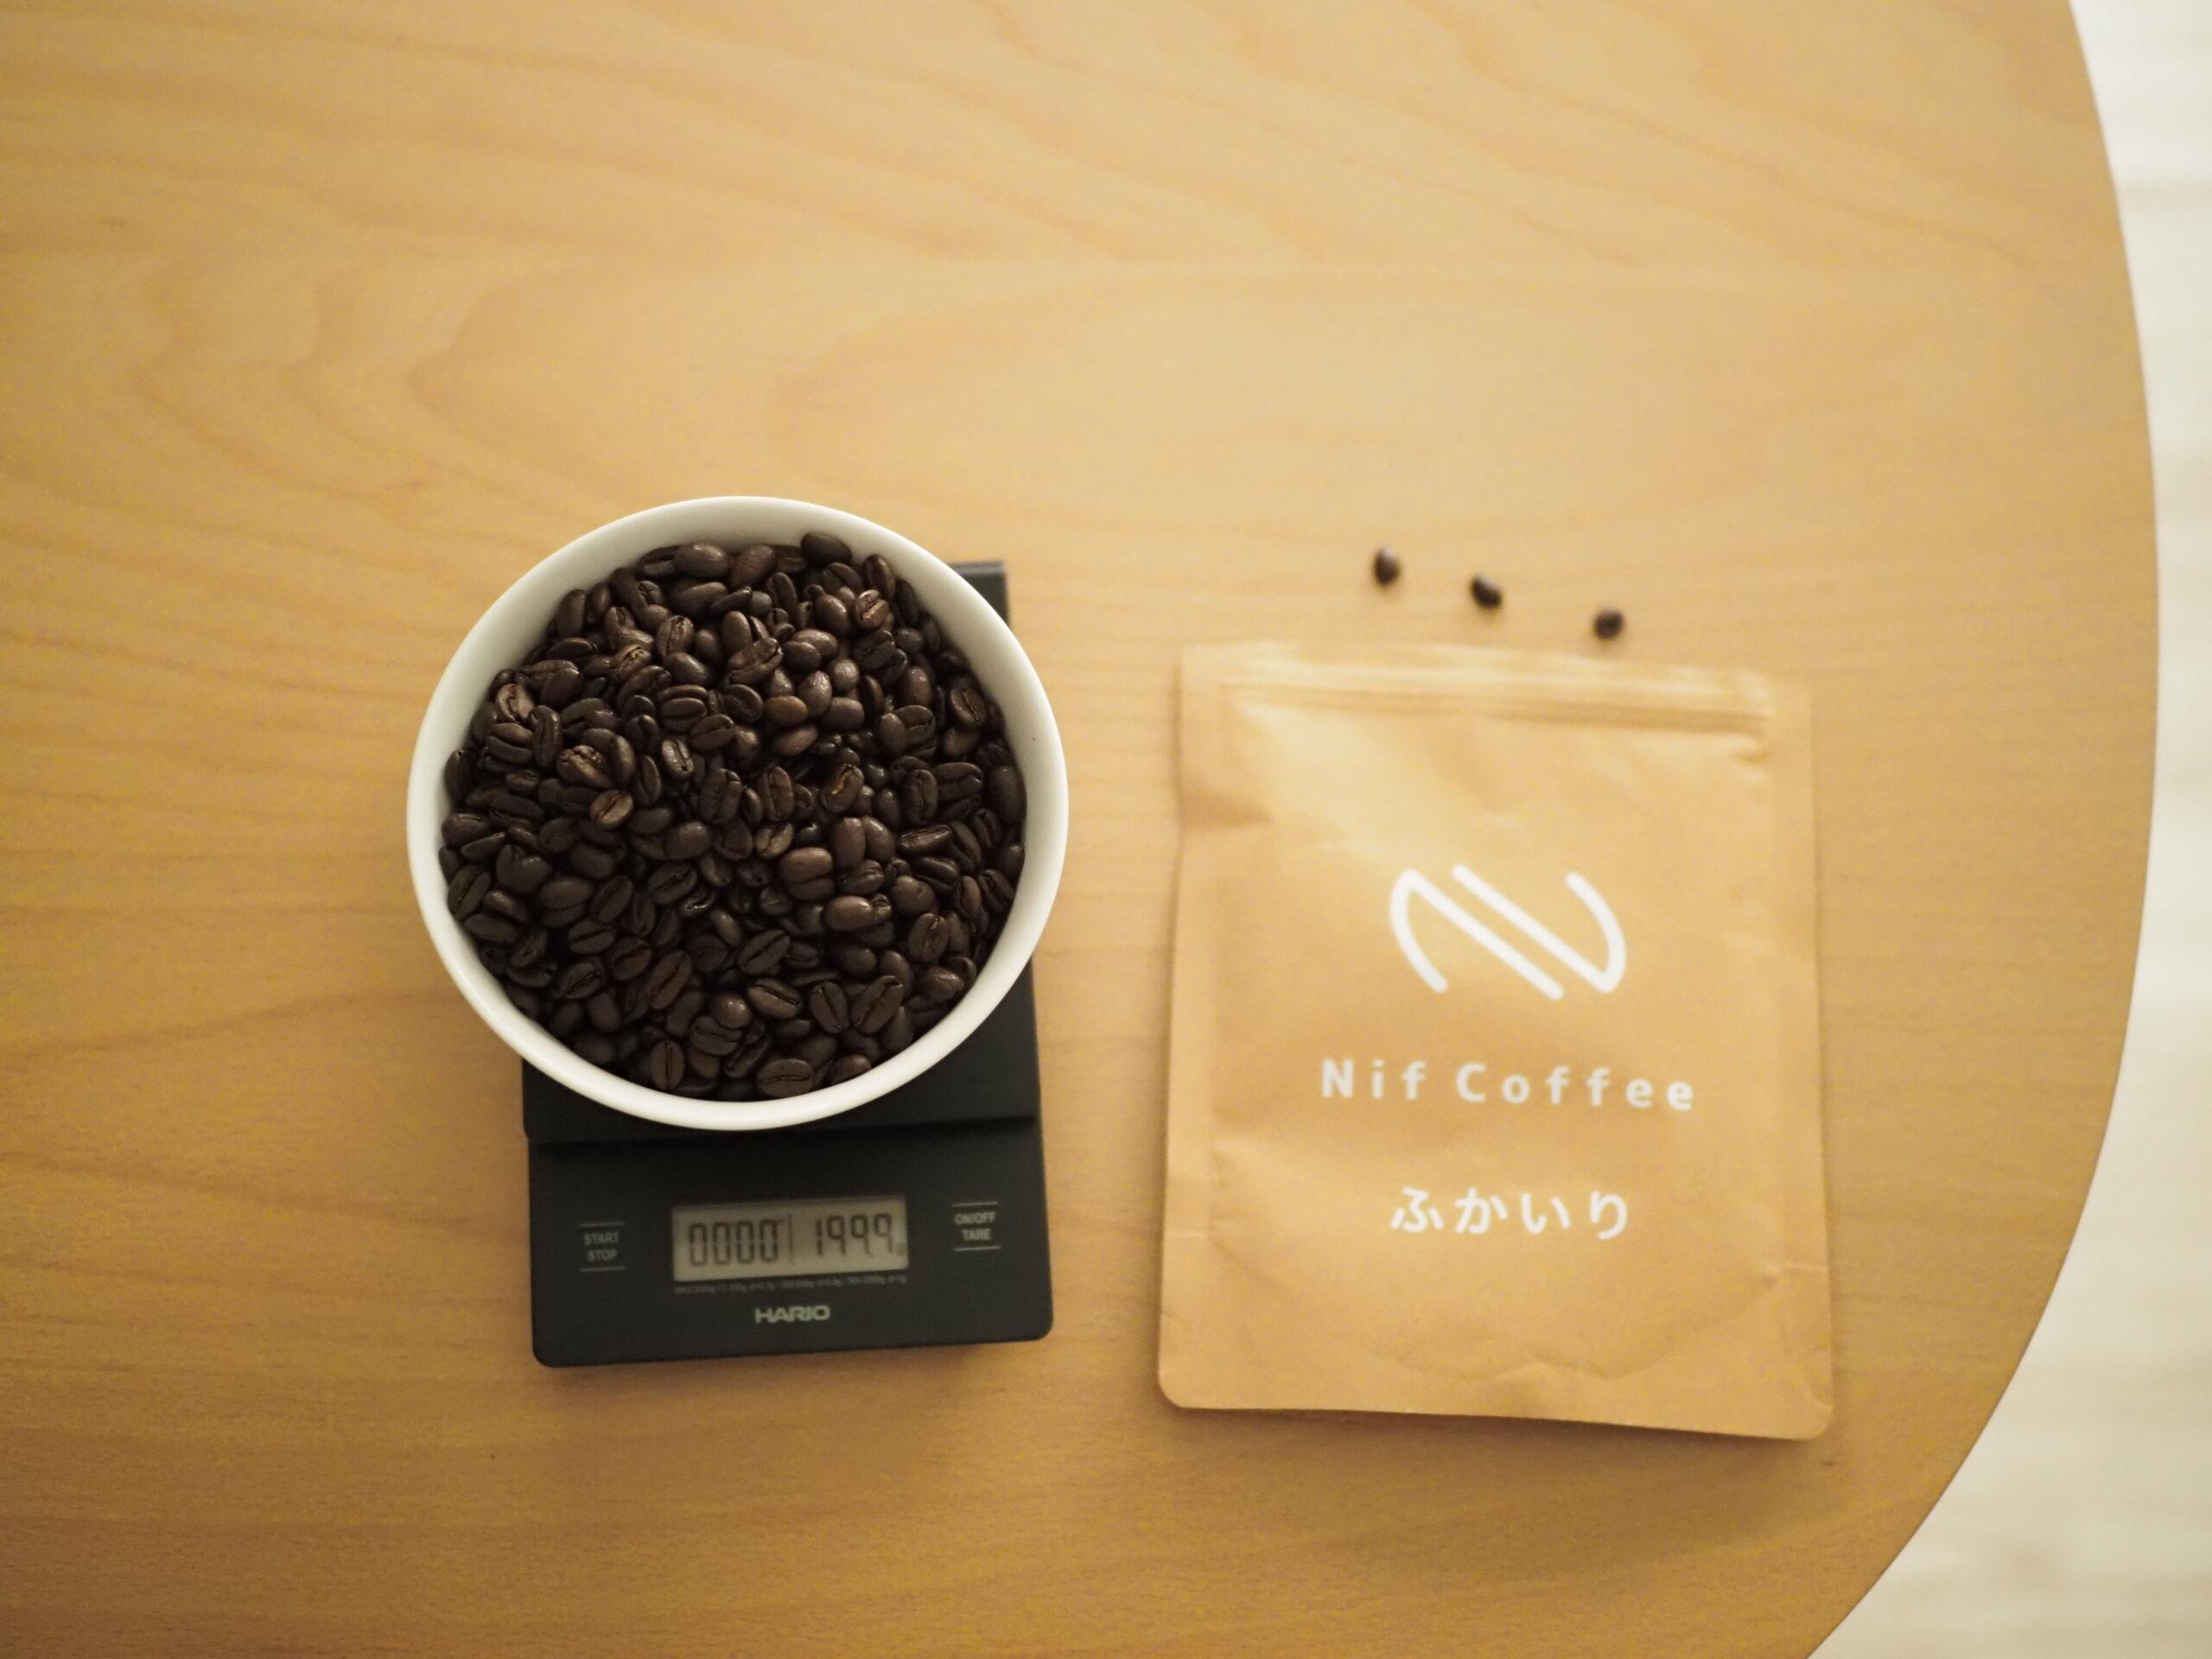 Nif Coffeeの「ふかいり」コーヒー豆(欠点豆3個)